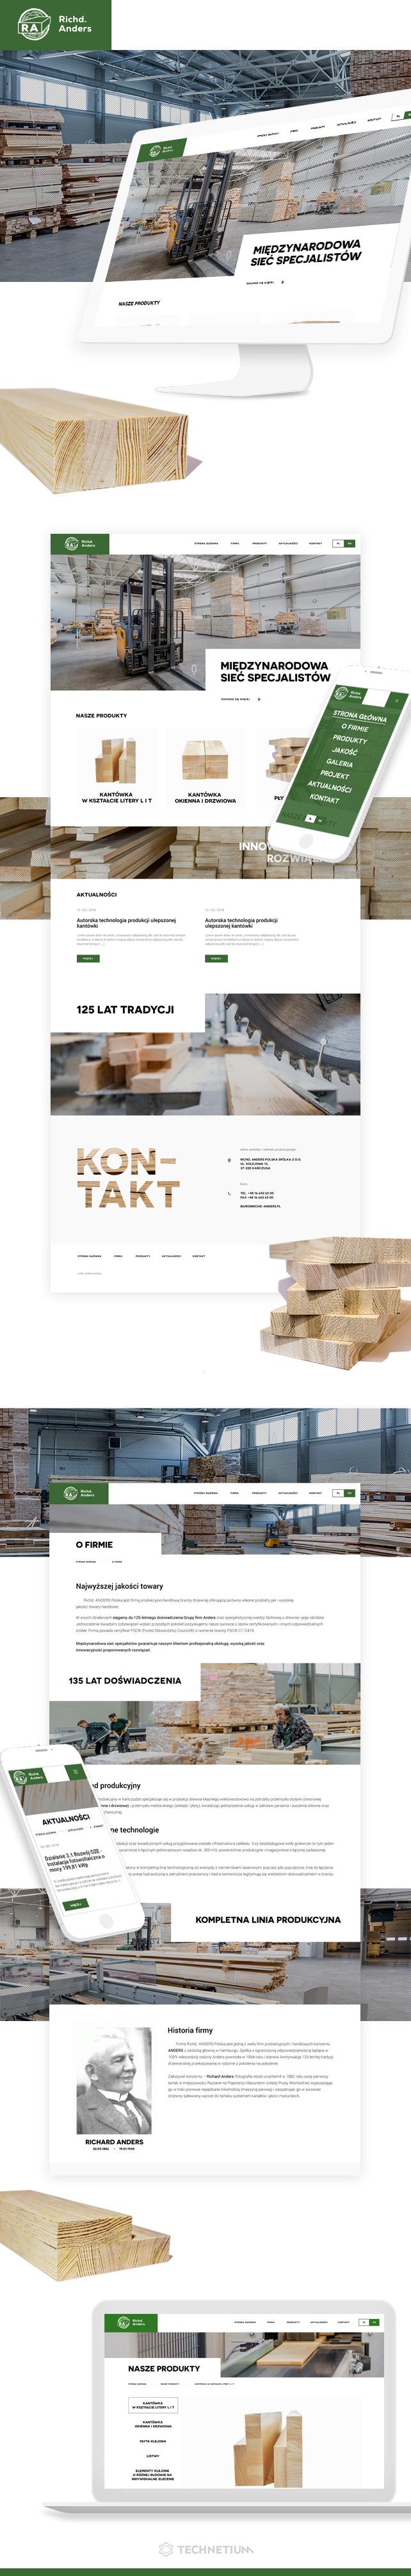 Strona www, identyfikacja wizualna Richd Anders Producent kantówki okiennej i drzwiowej